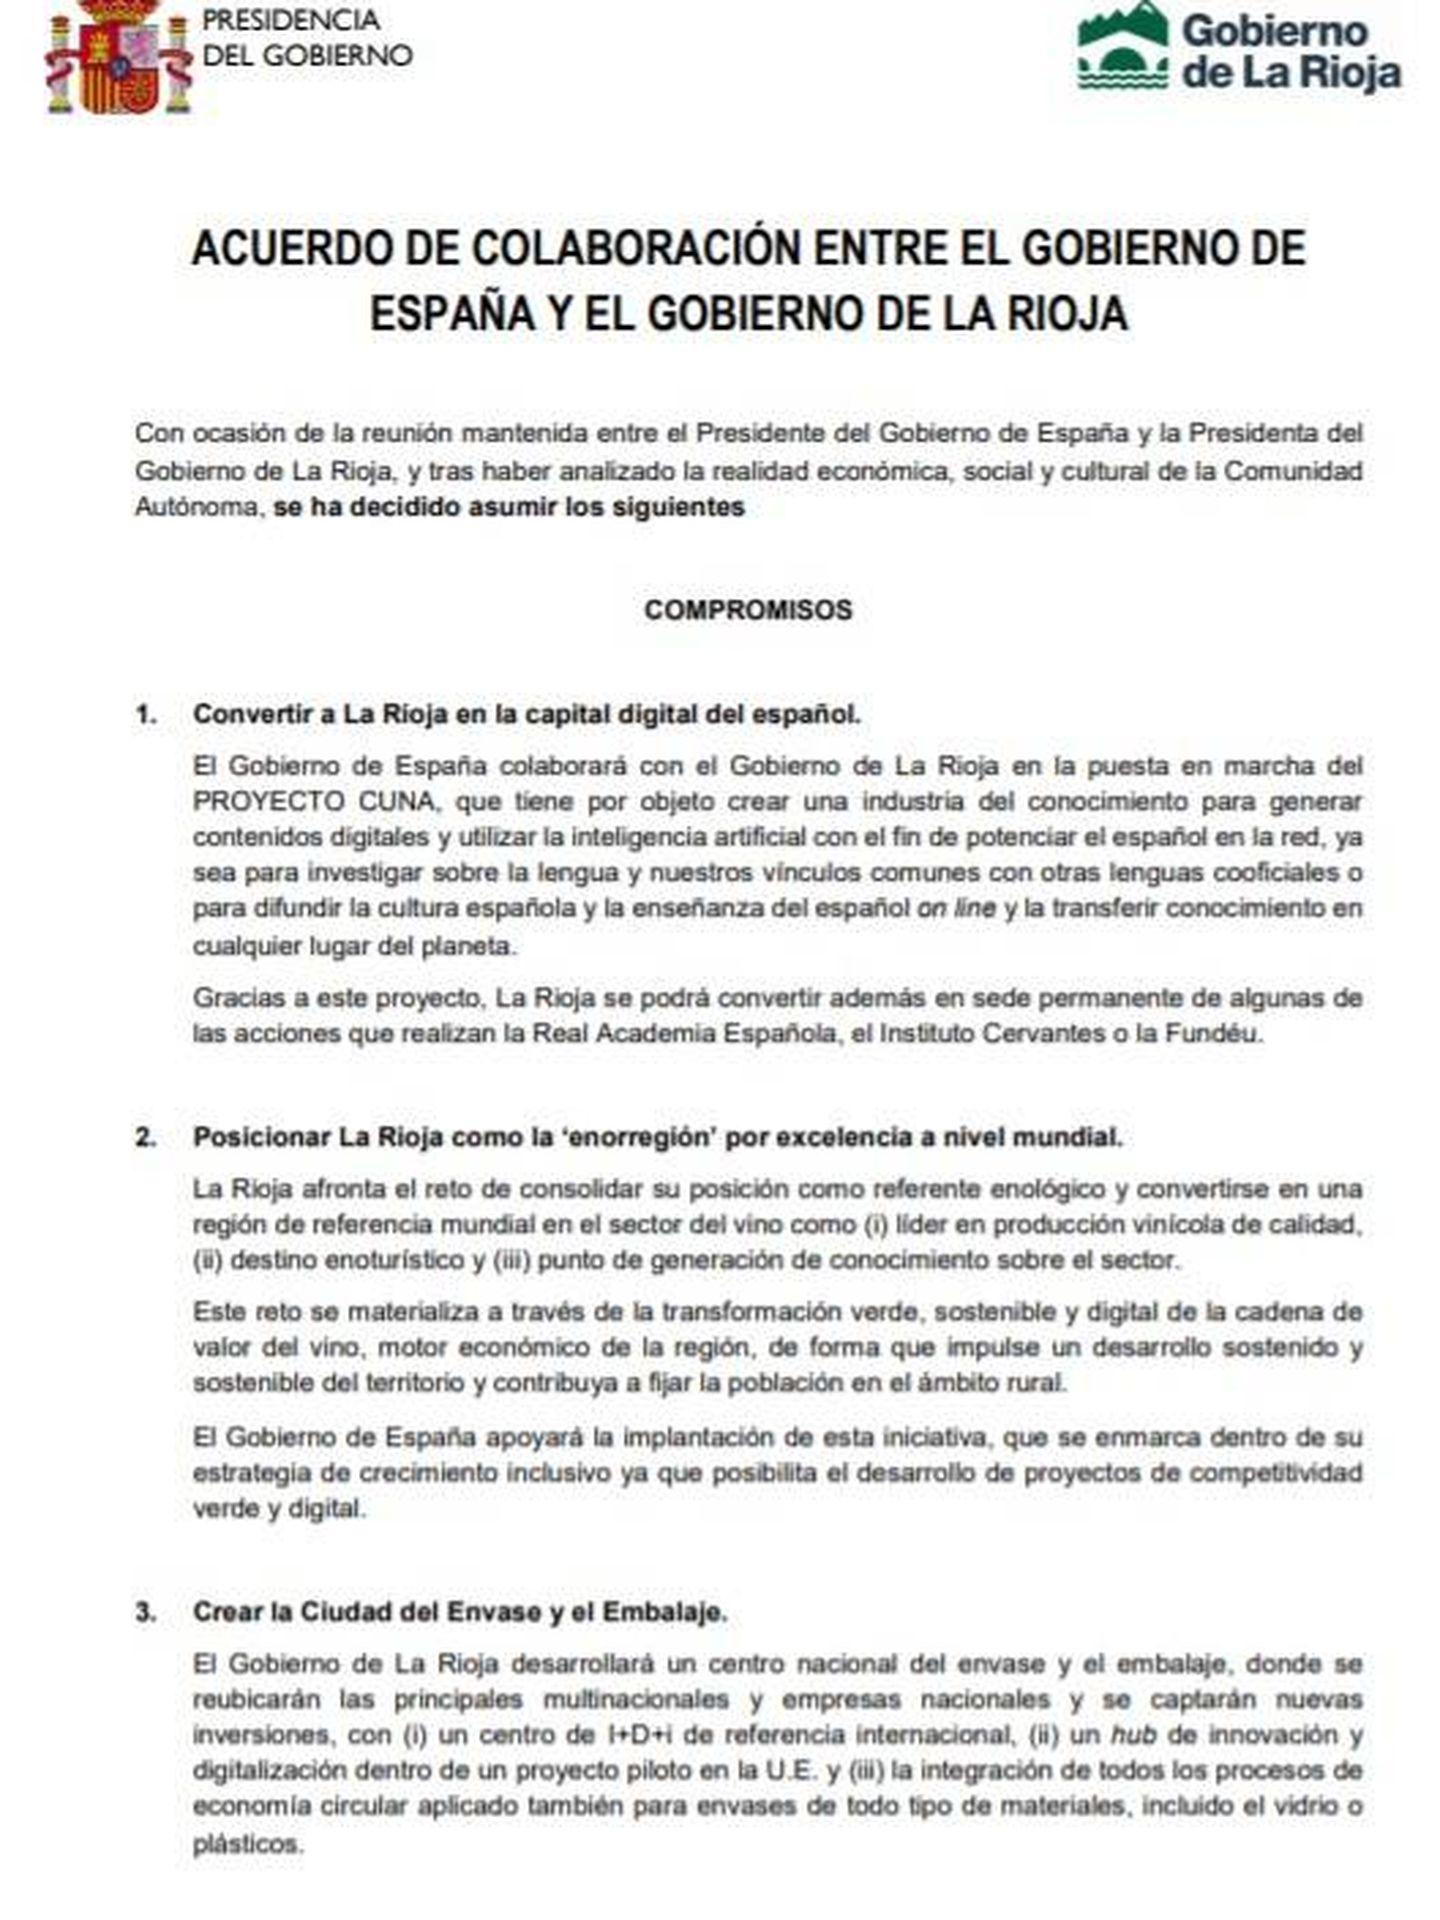 Consulte aquí en PDF el acuerdo entre el Gobierno de España y el Gobierno de La Rioja de este 28 de febrero de 2020.